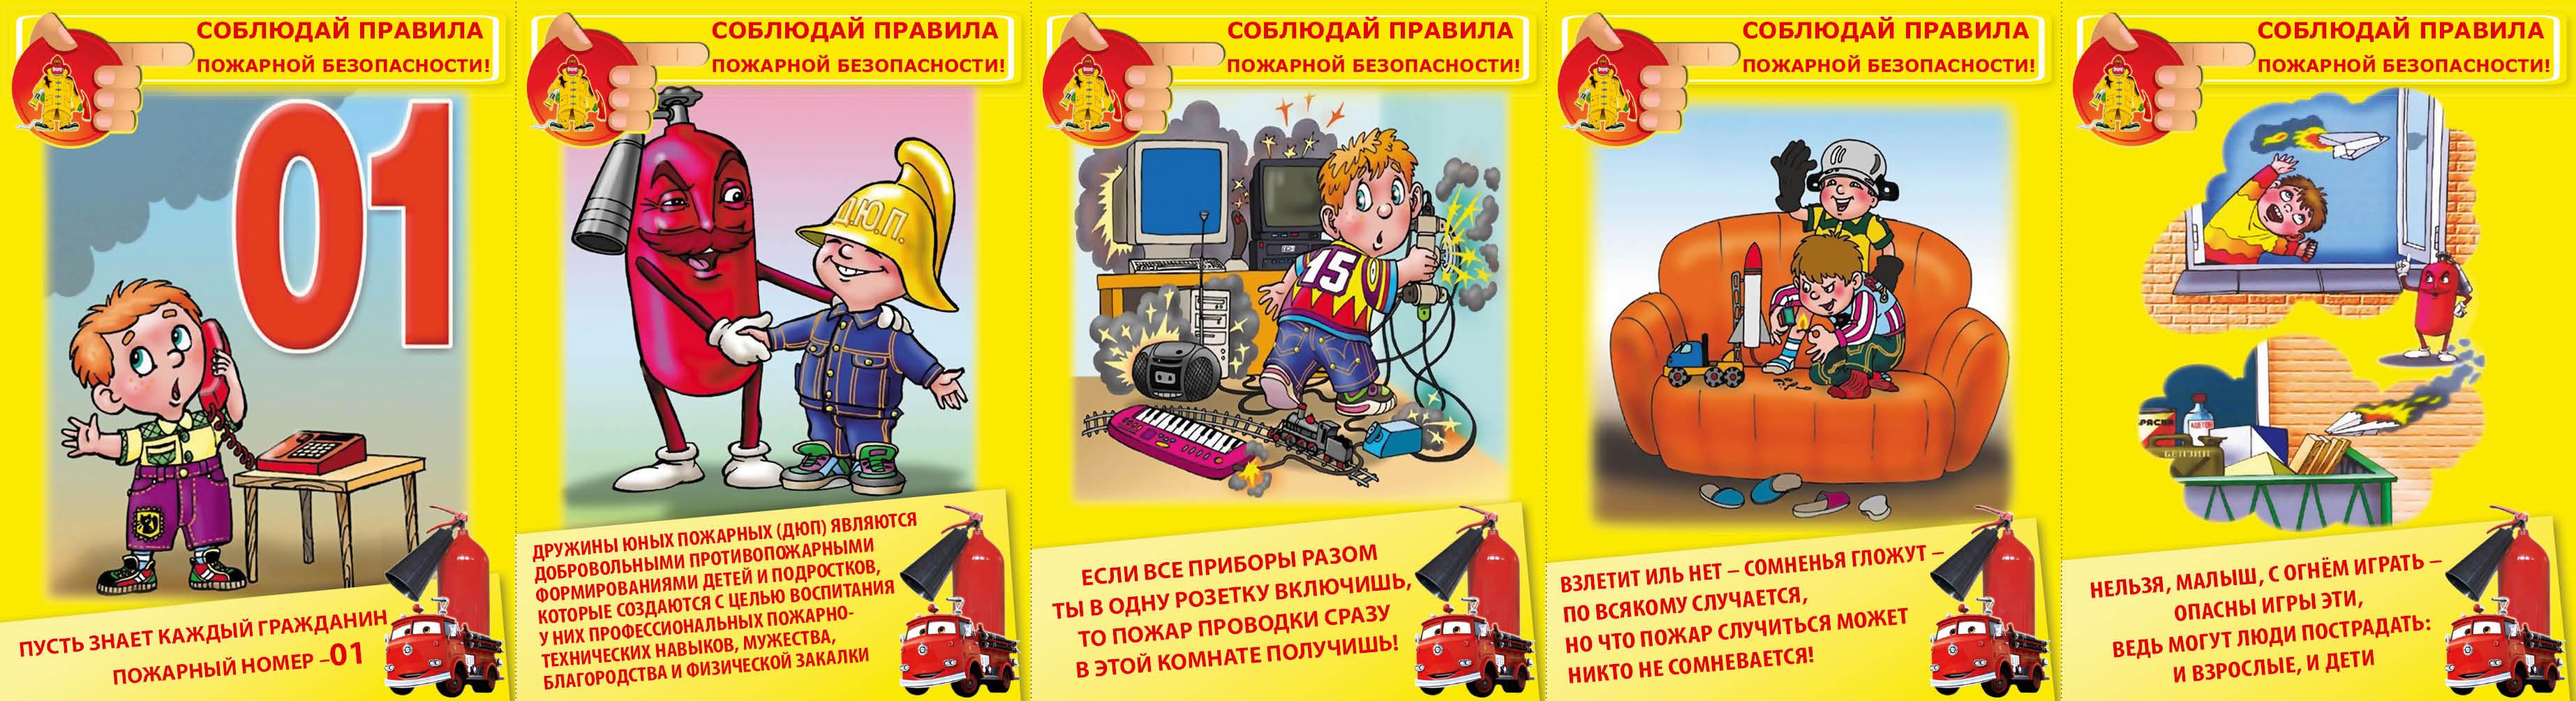 Противопожарная безопасность для детей фото